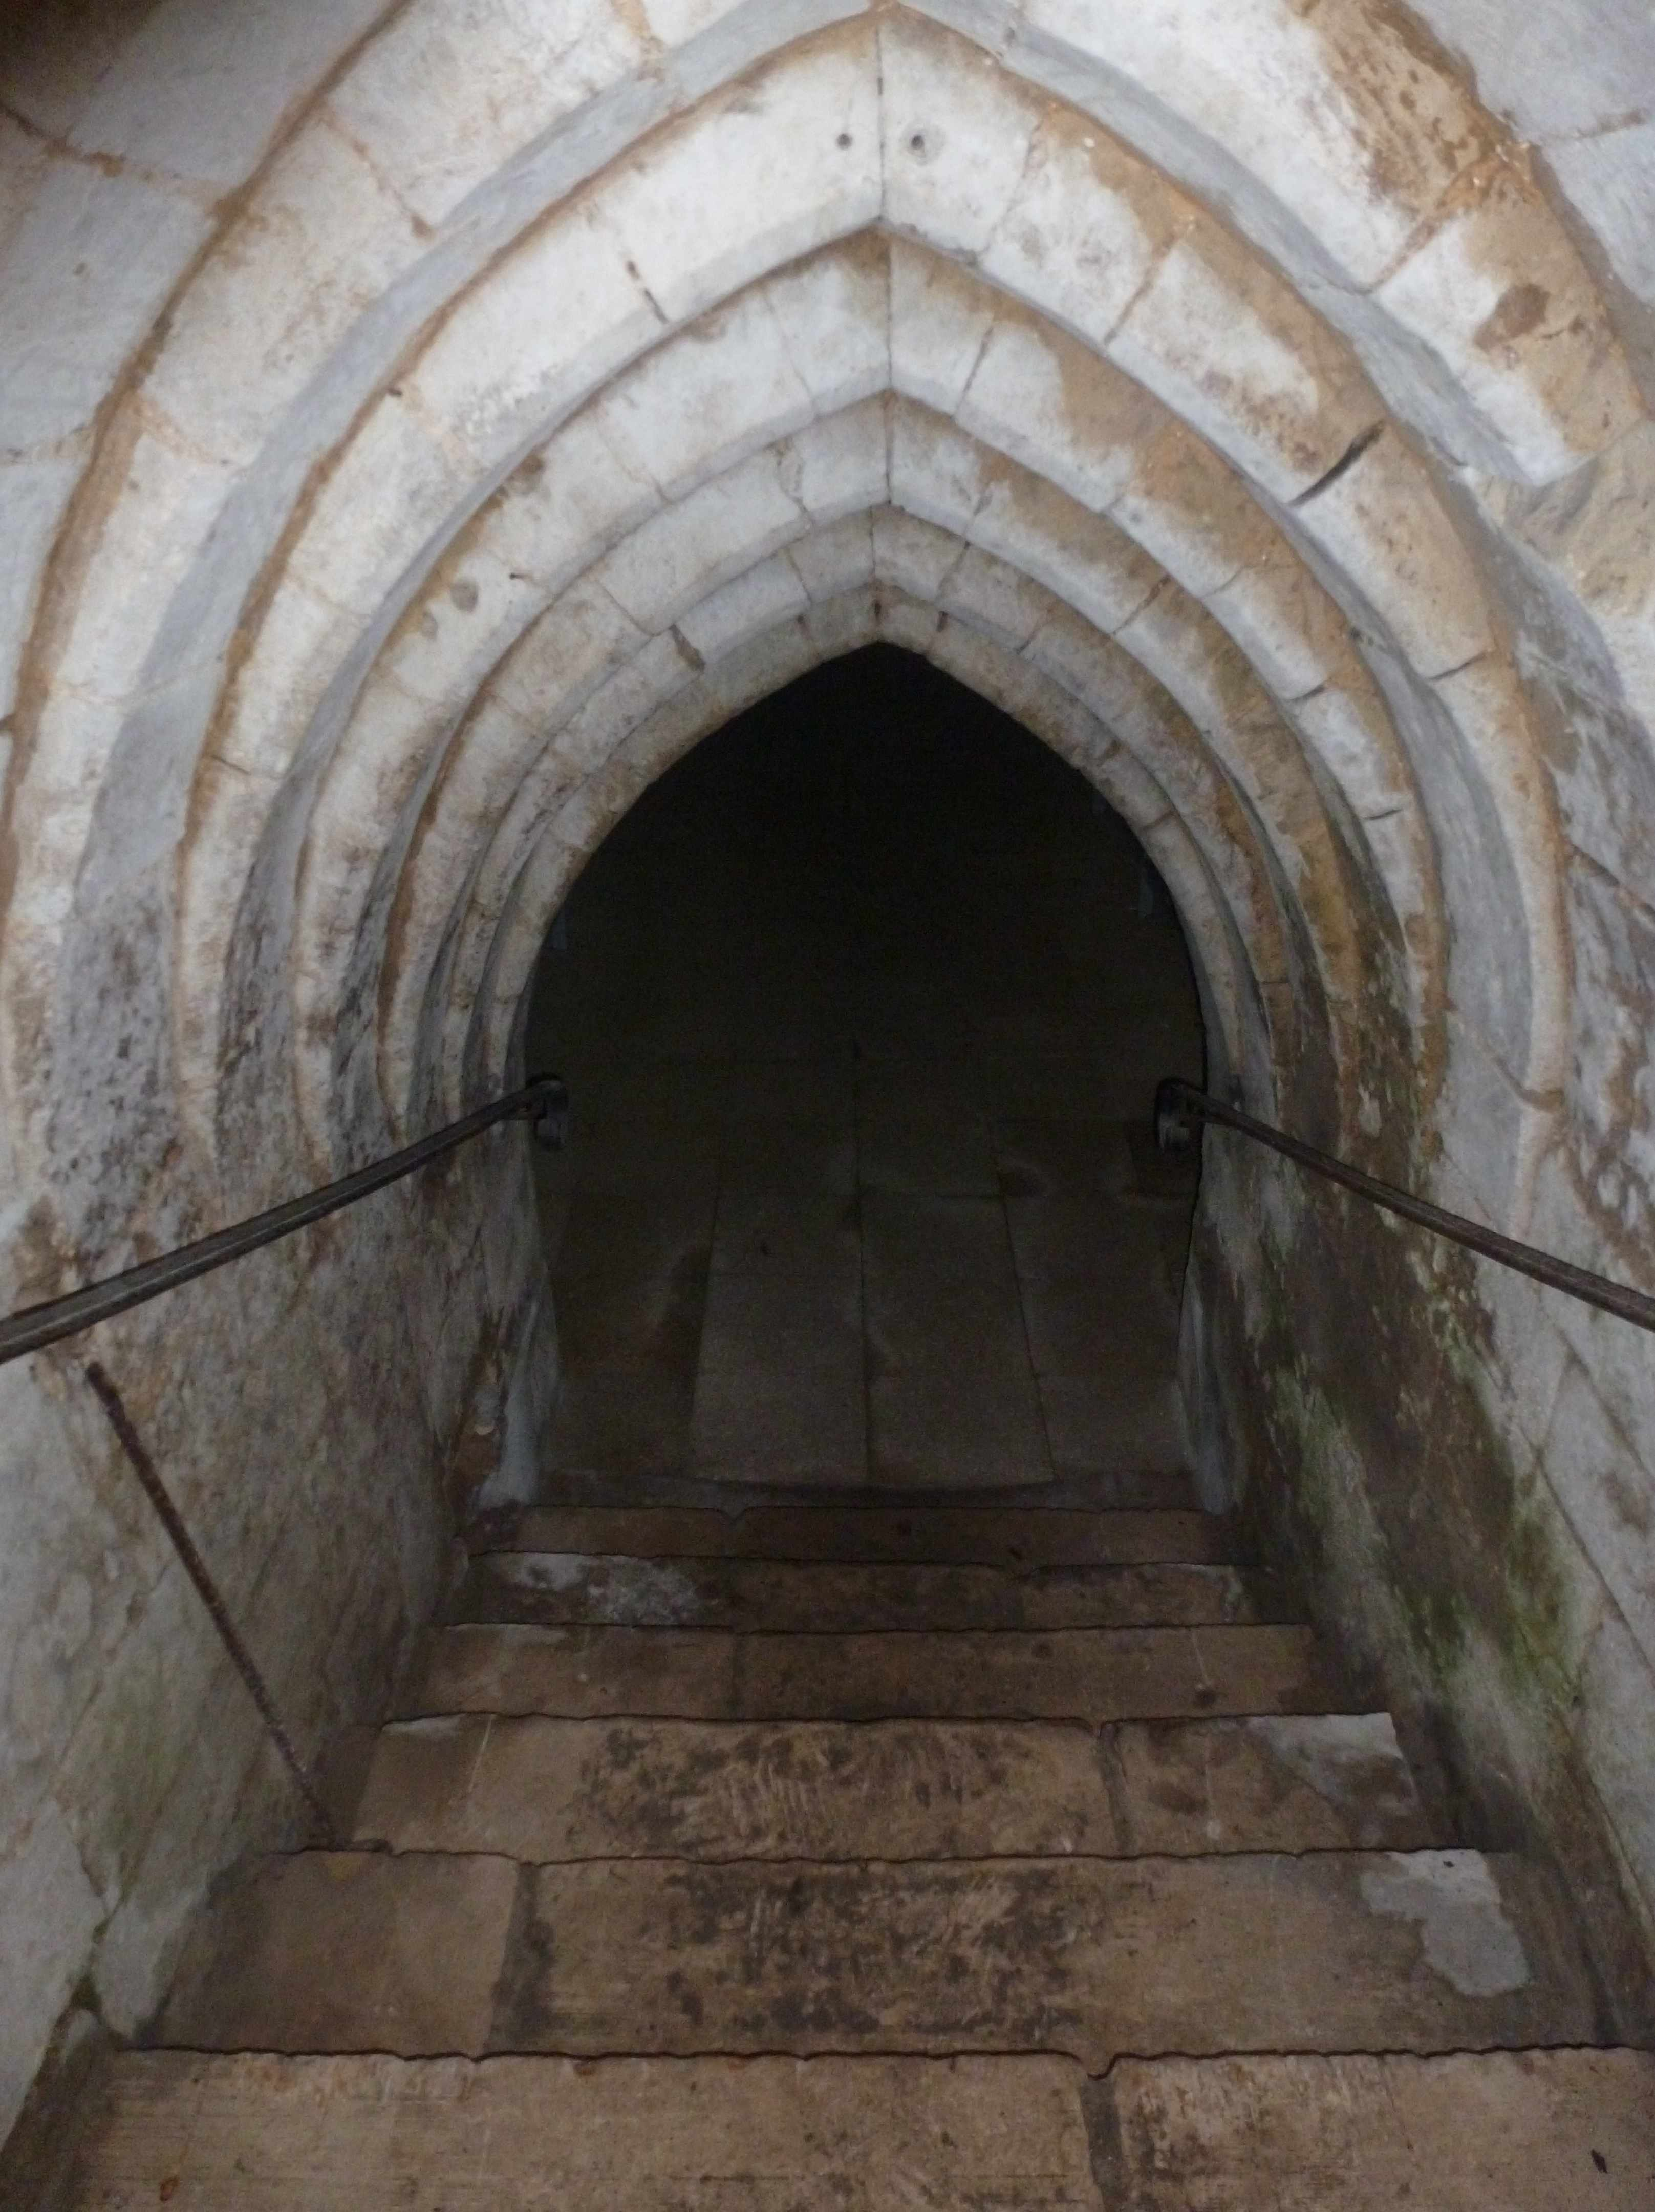 escalier de la cave sur pinterest sous sols cave ouvert et escalier ouvert. Black Bedroom Furniture Sets. Home Design Ideas